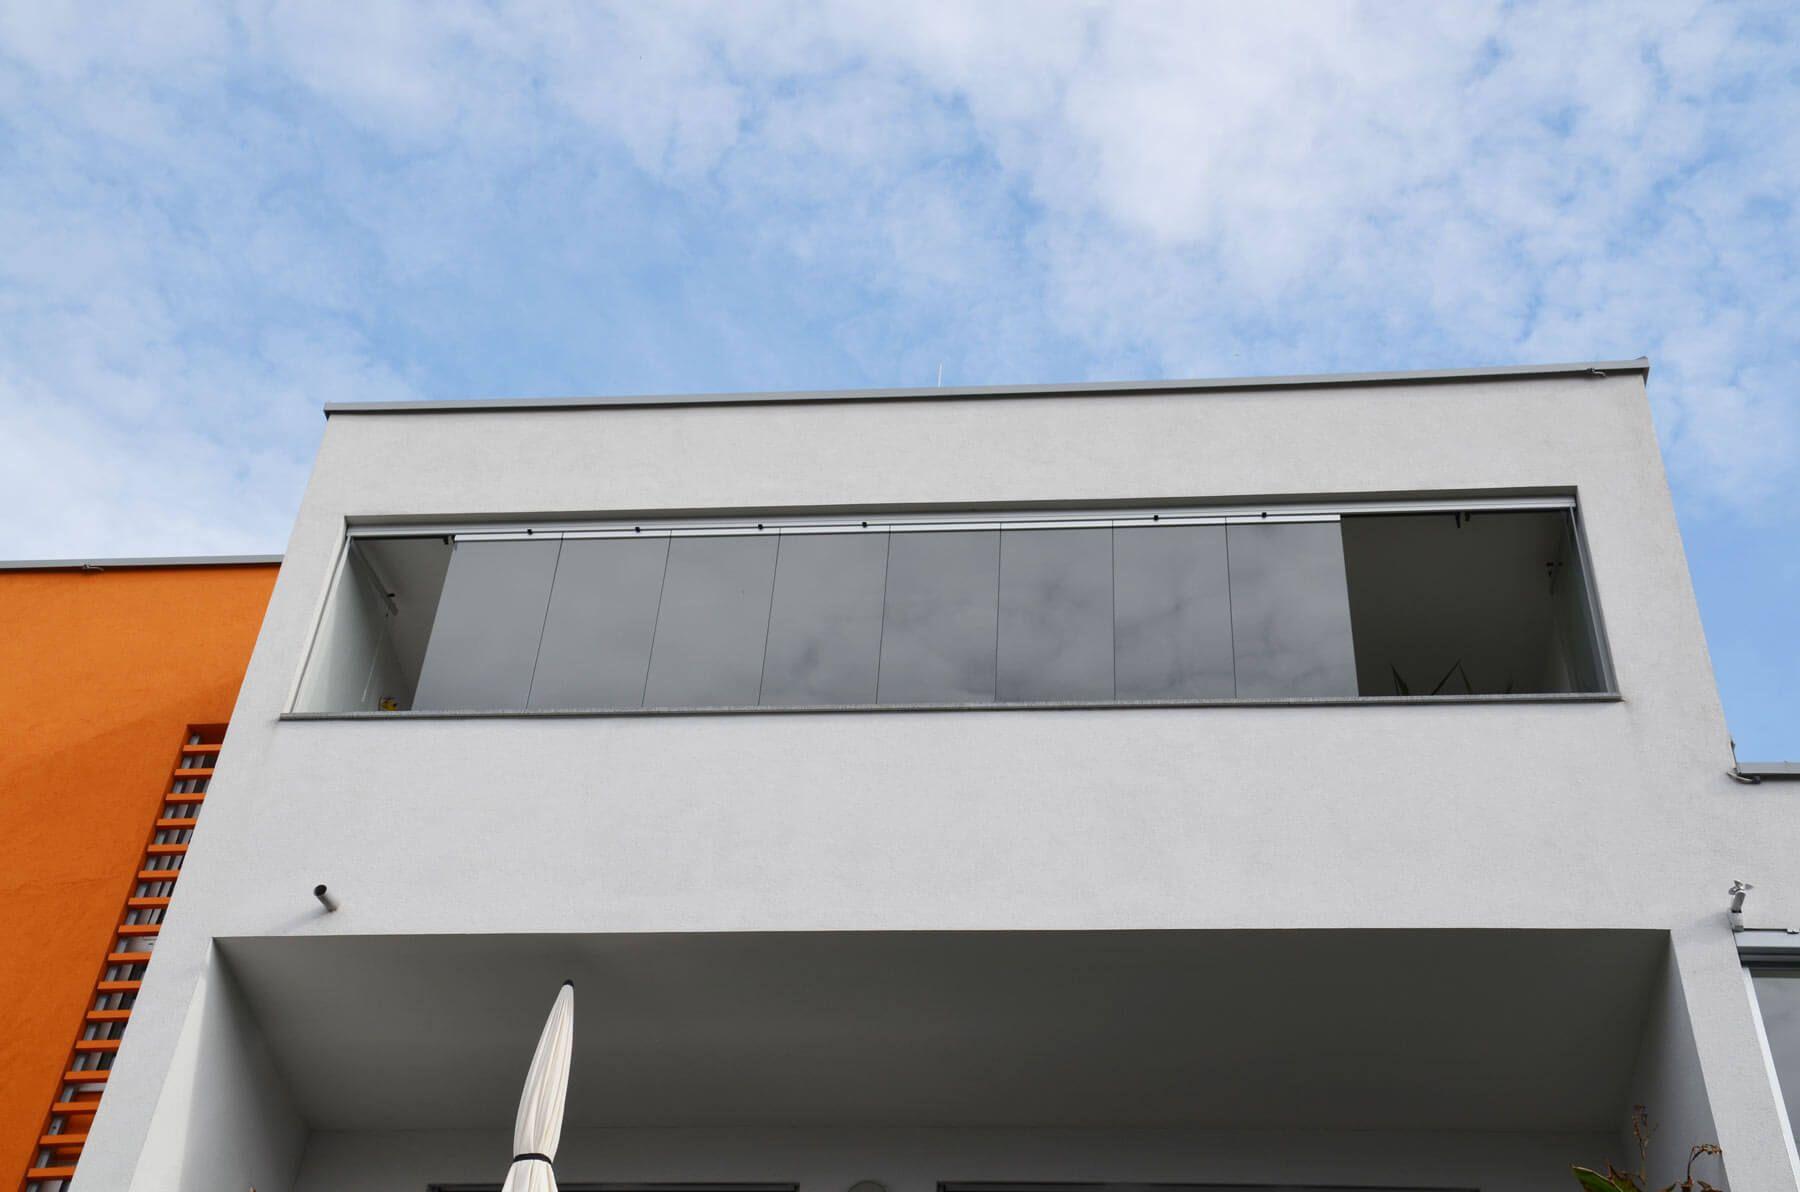 balkonfenster mit glas zum falten von fenster schmidinger balkonfenster windschutz glas und. Black Bedroom Furniture Sets. Home Design Ideas